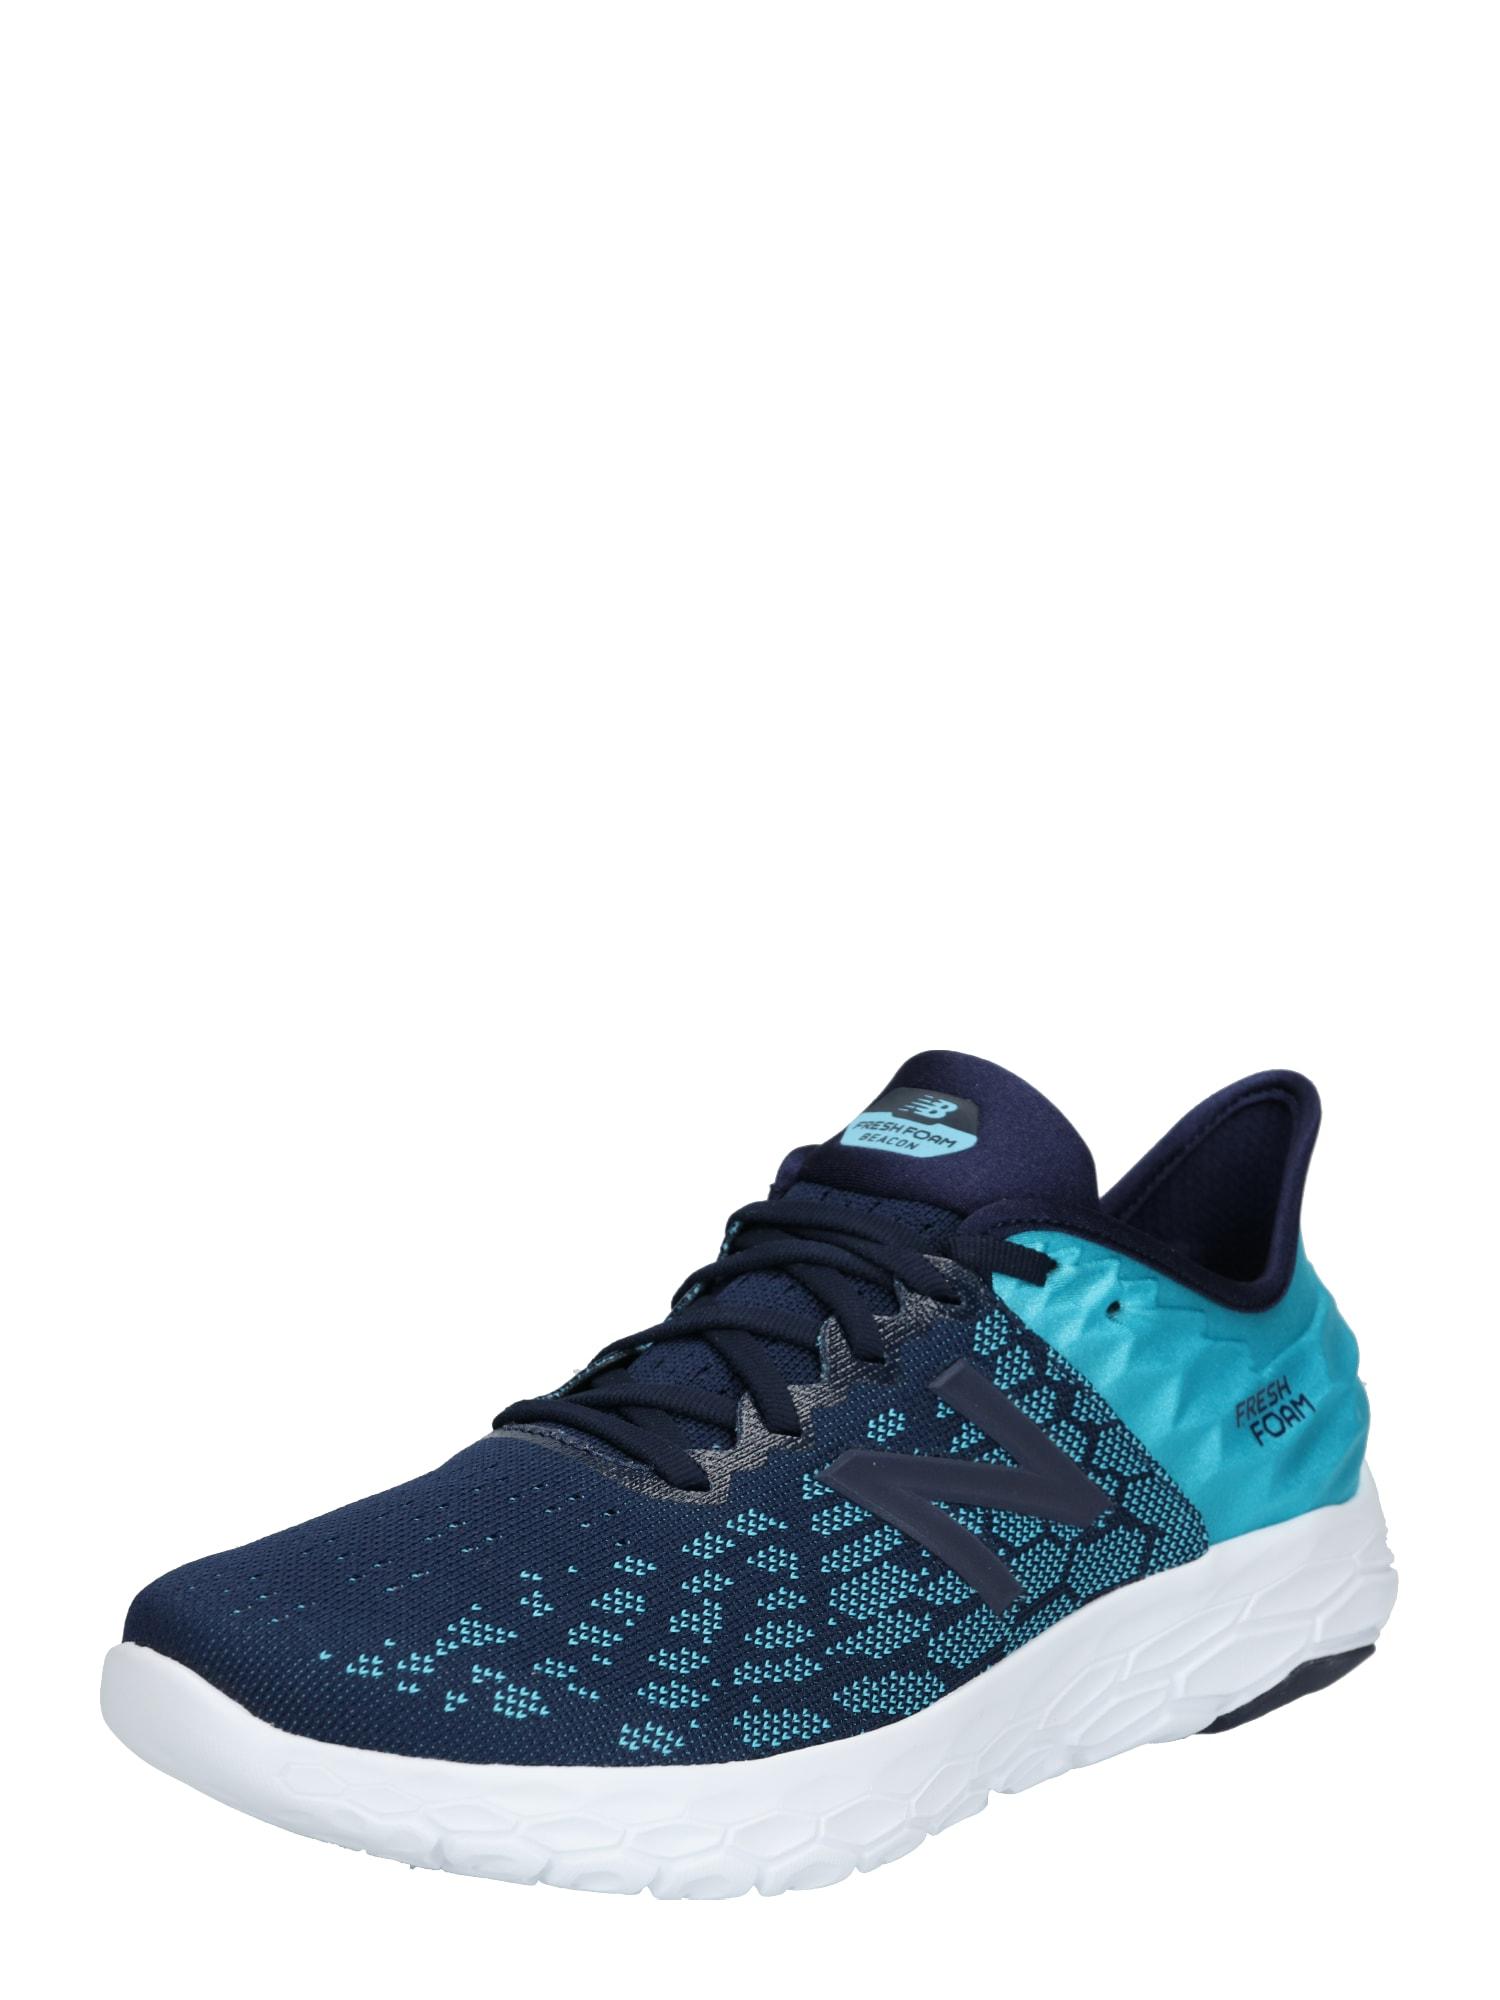 Sportovní boty Beacon v2 námořnická modř aqua modrá New Balance